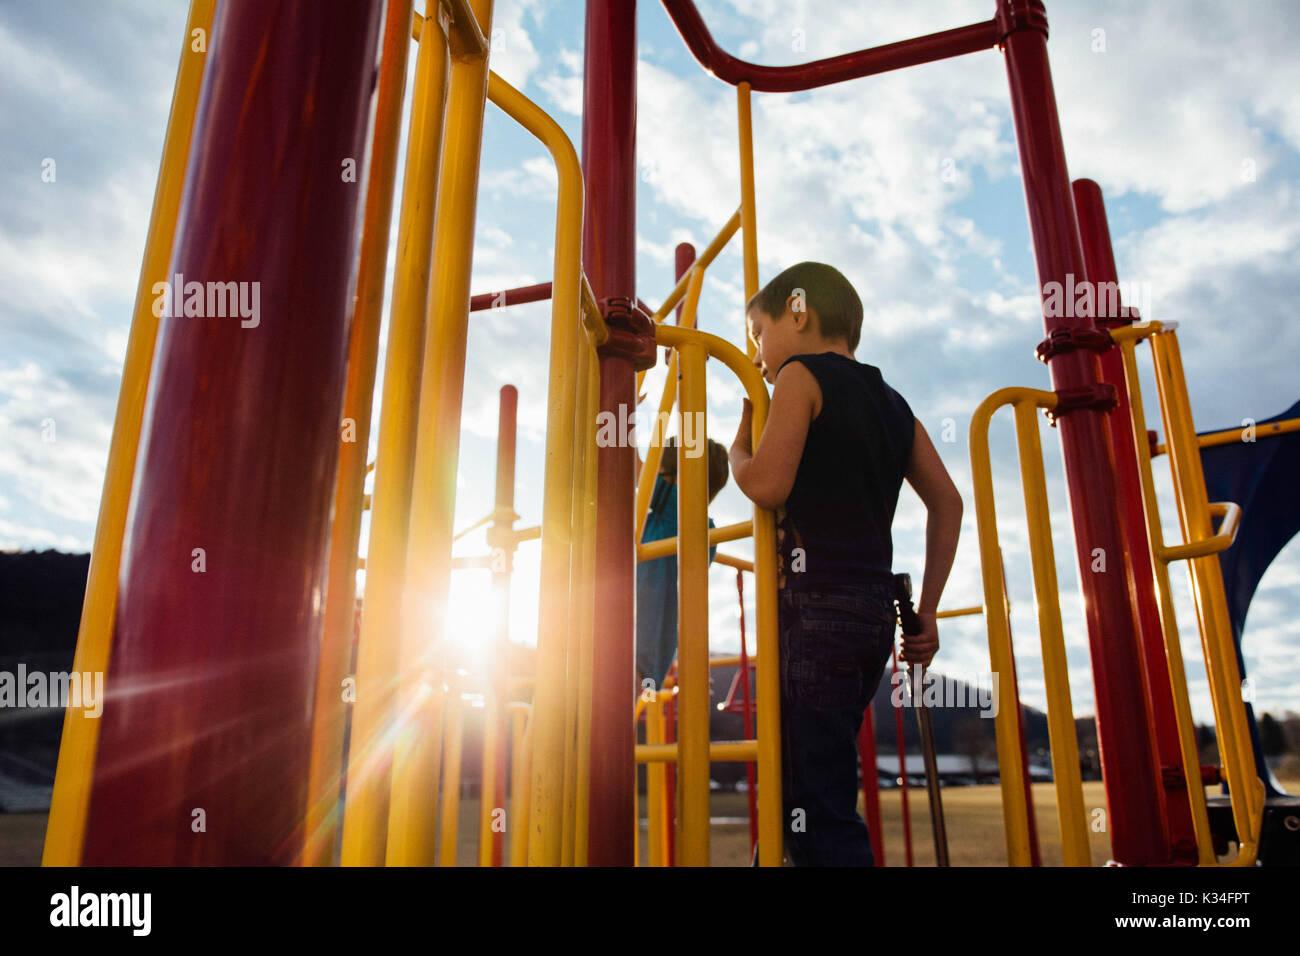 Un garçon joue à l'équipement de jeu au coucher du soleil. Photo Stock